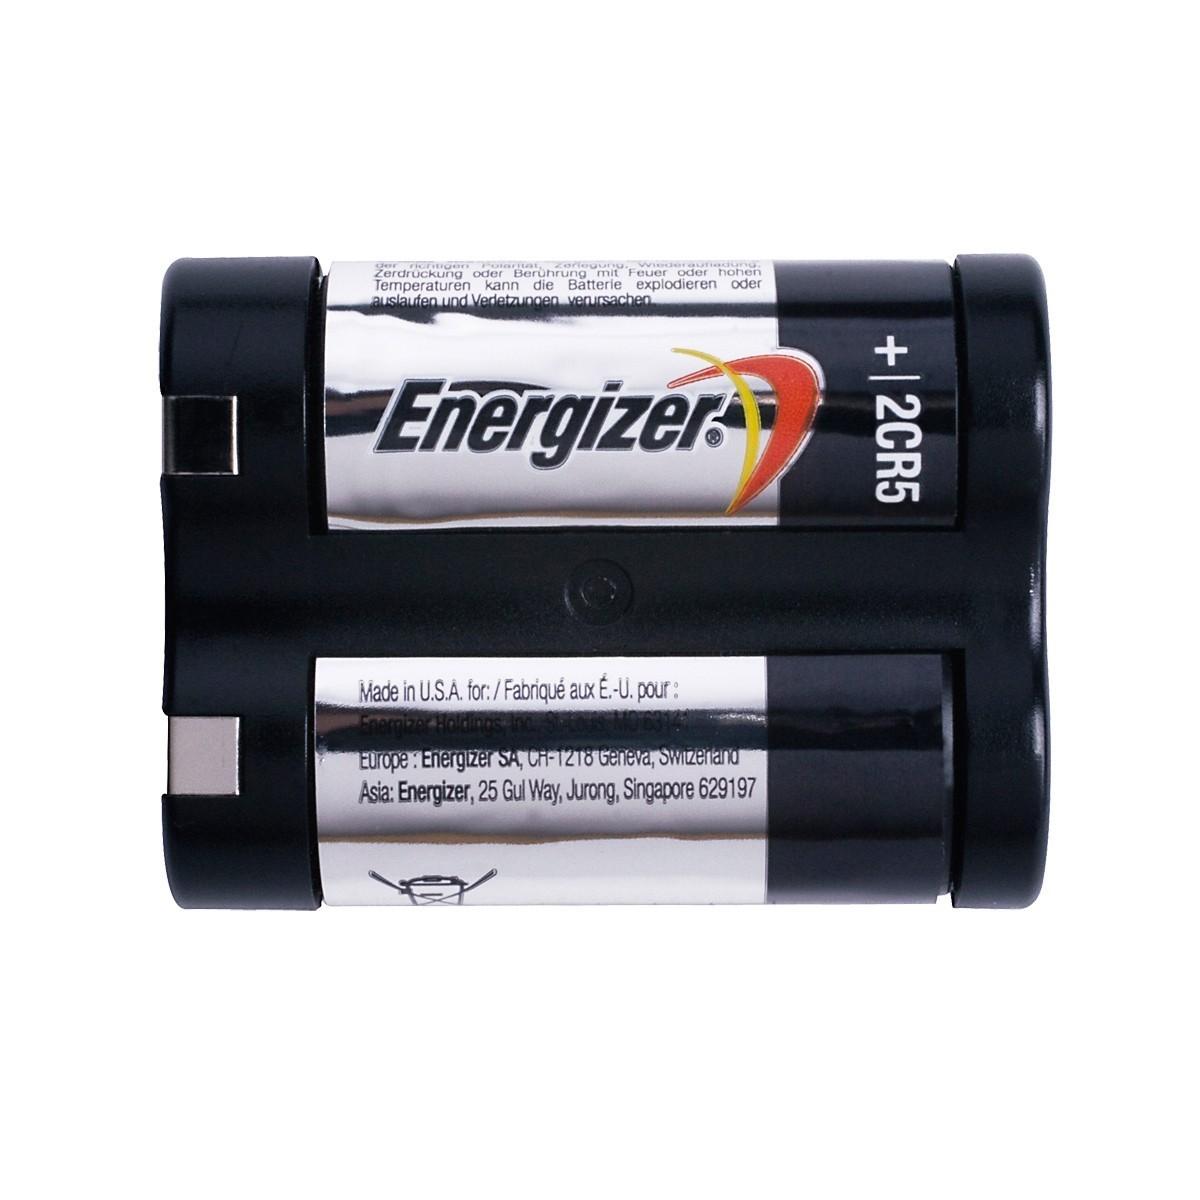 Enerziger Spezialbatterie Fotobatterie 2CR5 2 Stück Bild 2